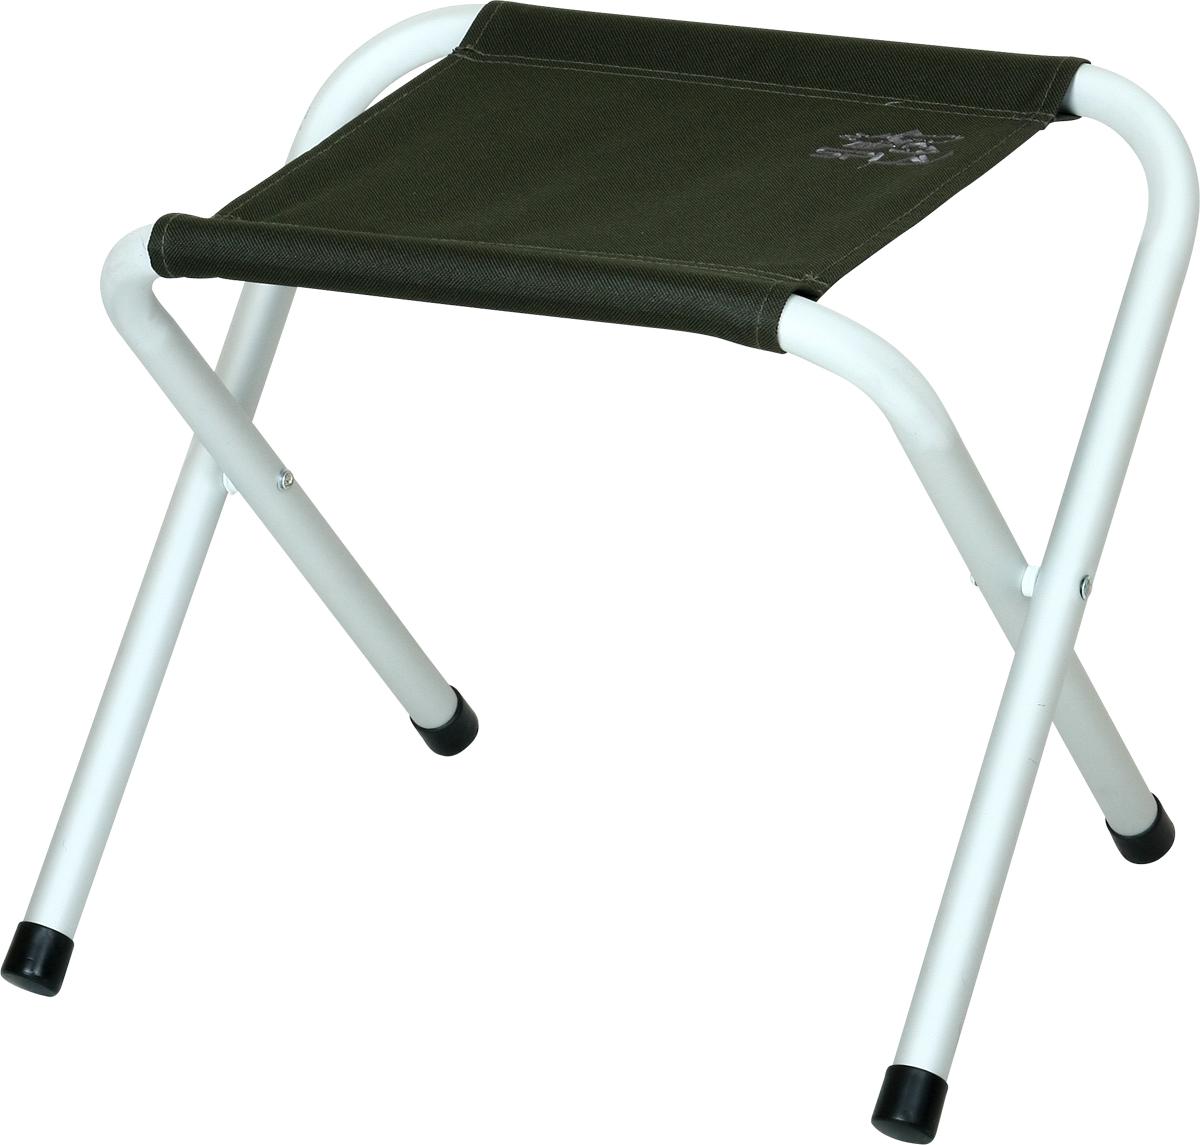 Табурет складной  Сплав , кемпинговый, цвет: темно-зеленый - Складная и надувная мебель